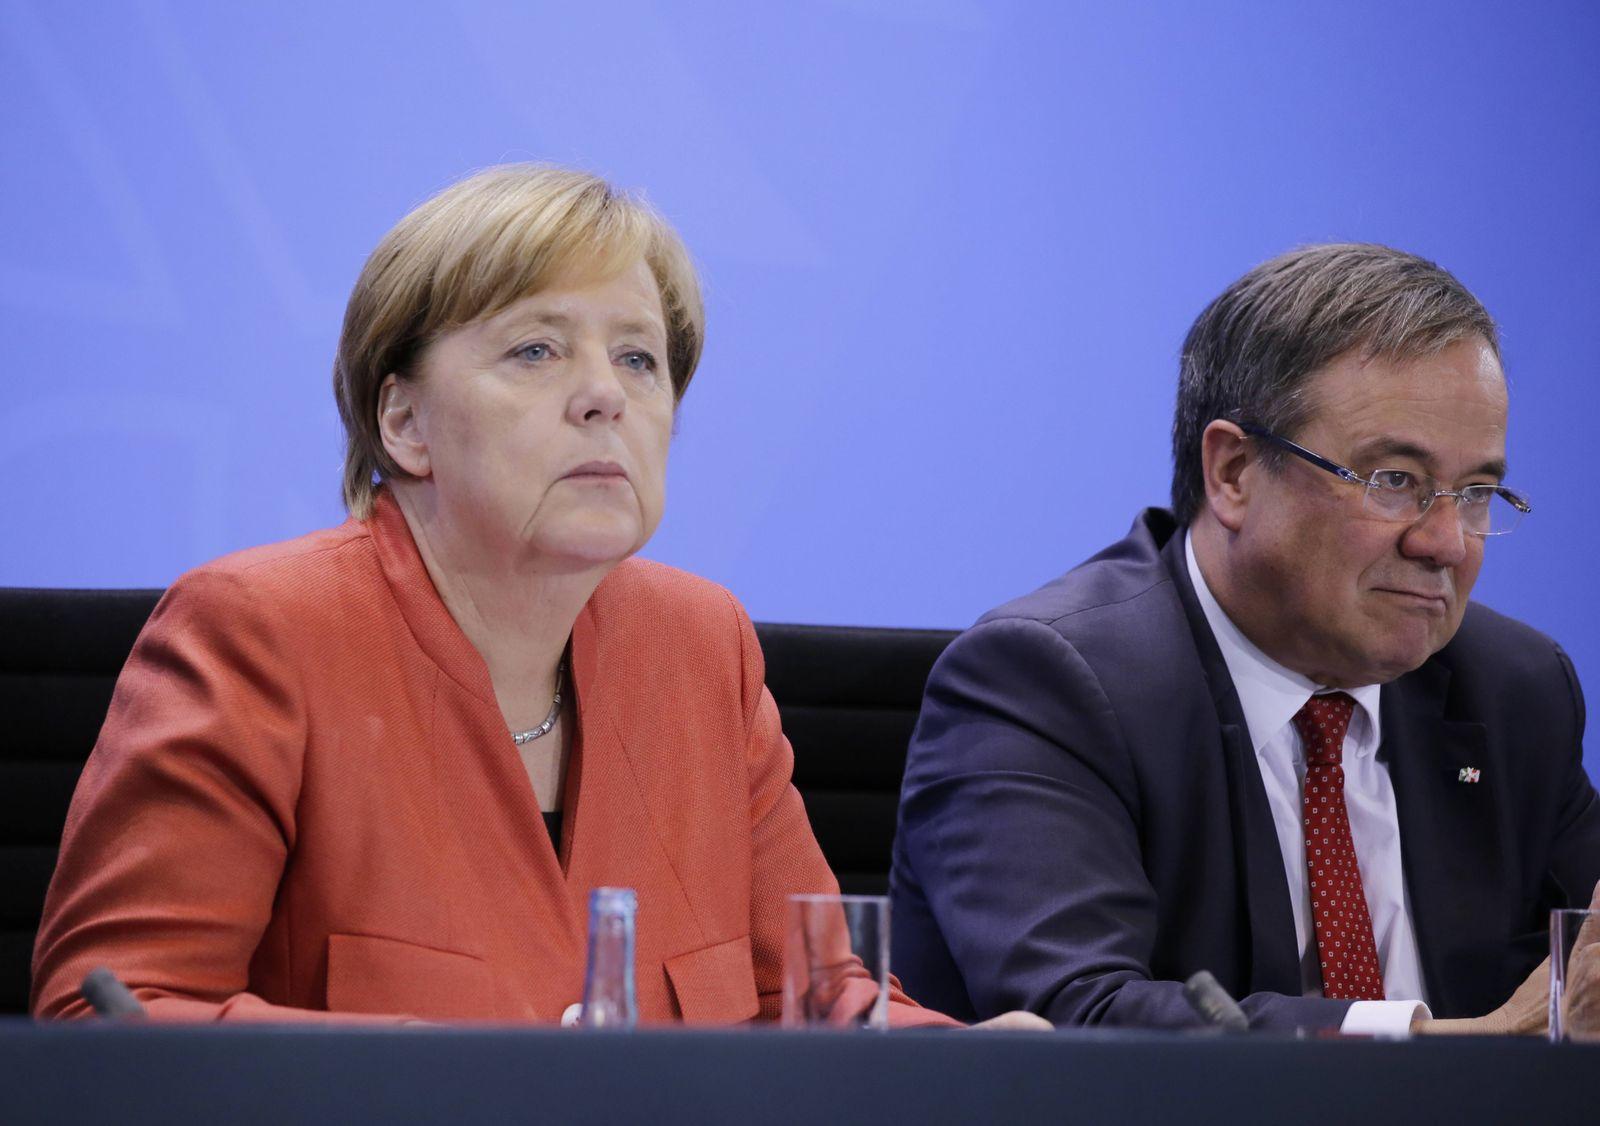 Bundeskanzlerin Angela Merkel NRW Ministerpräsident Armin Laschet Deutschland Berlin Gespräch BK